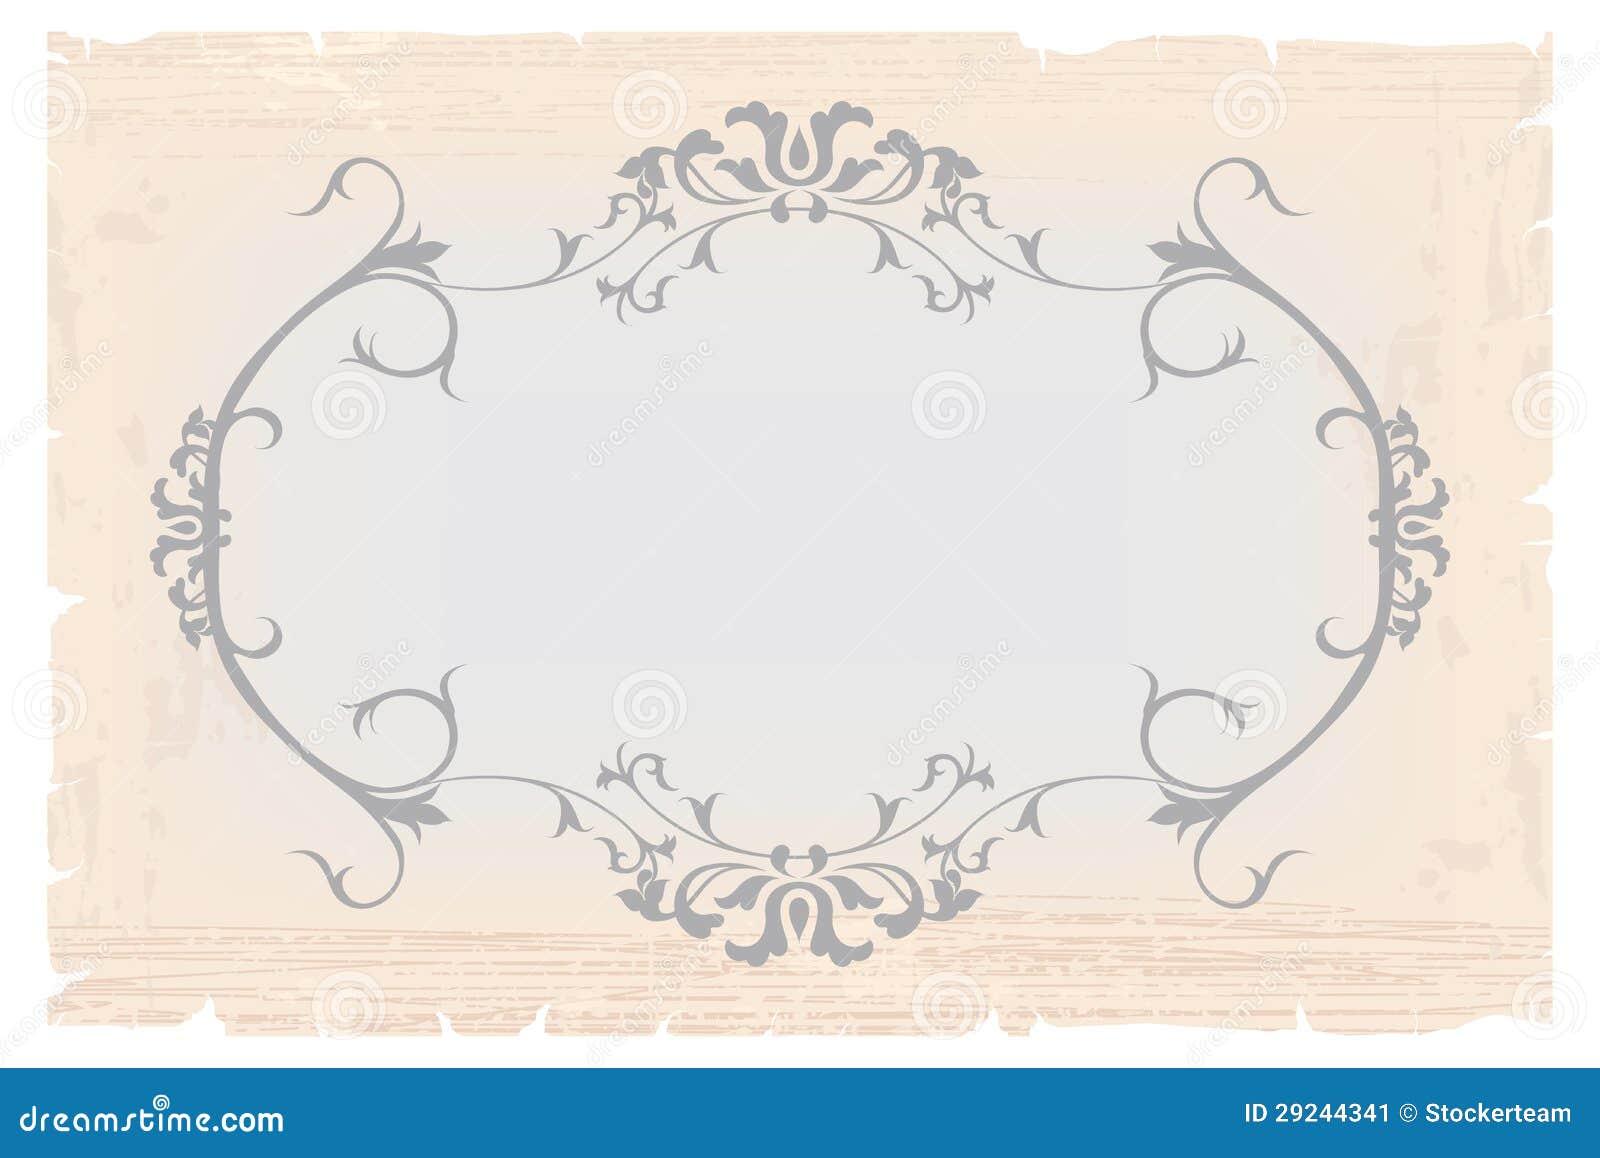 Download Molde Do Quadro Do Vintage Para O Cartão Ilustração Stock - Ilustração de elegante, floral: 29244341